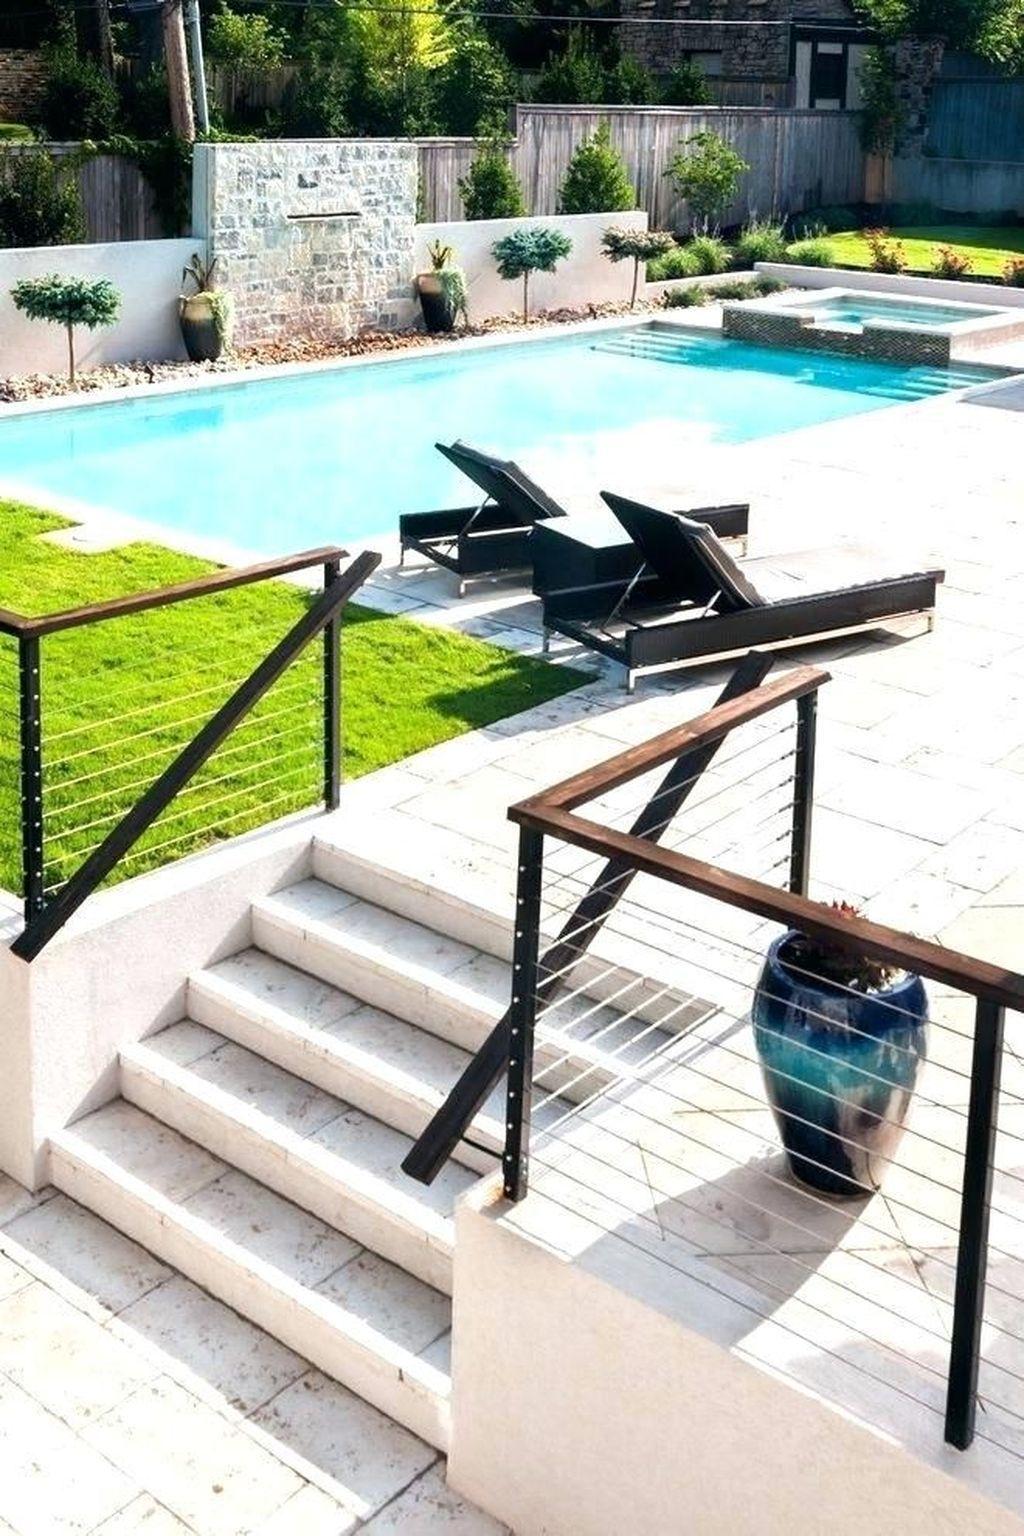 32 Awesome Stylish Pool Fence Design Ideas Pool fence